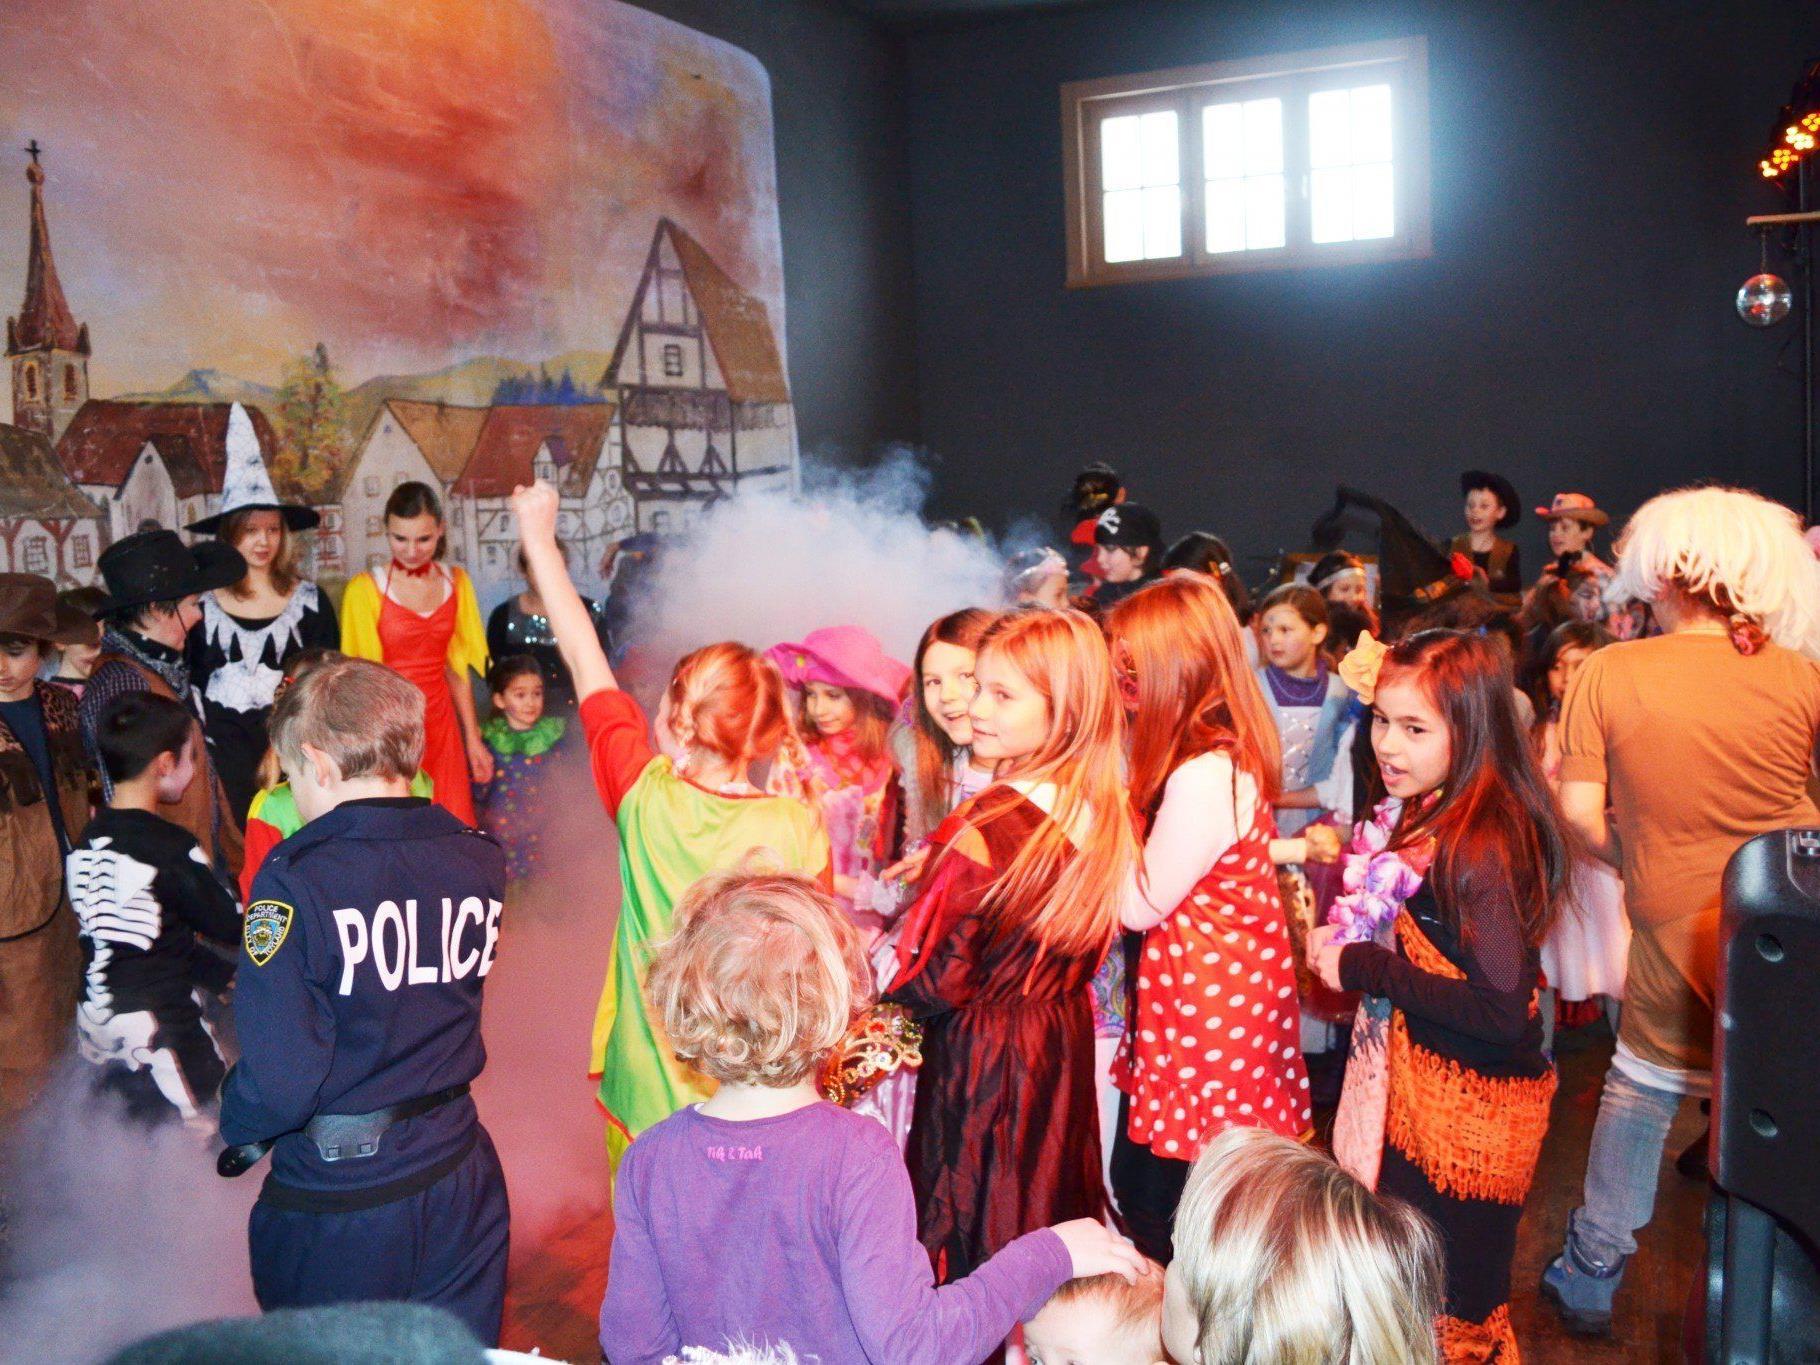 Göfner Kinderfaschingsparty: 1.2.2013 ab 15:00 Uhr im Vereinshaus Göfis!